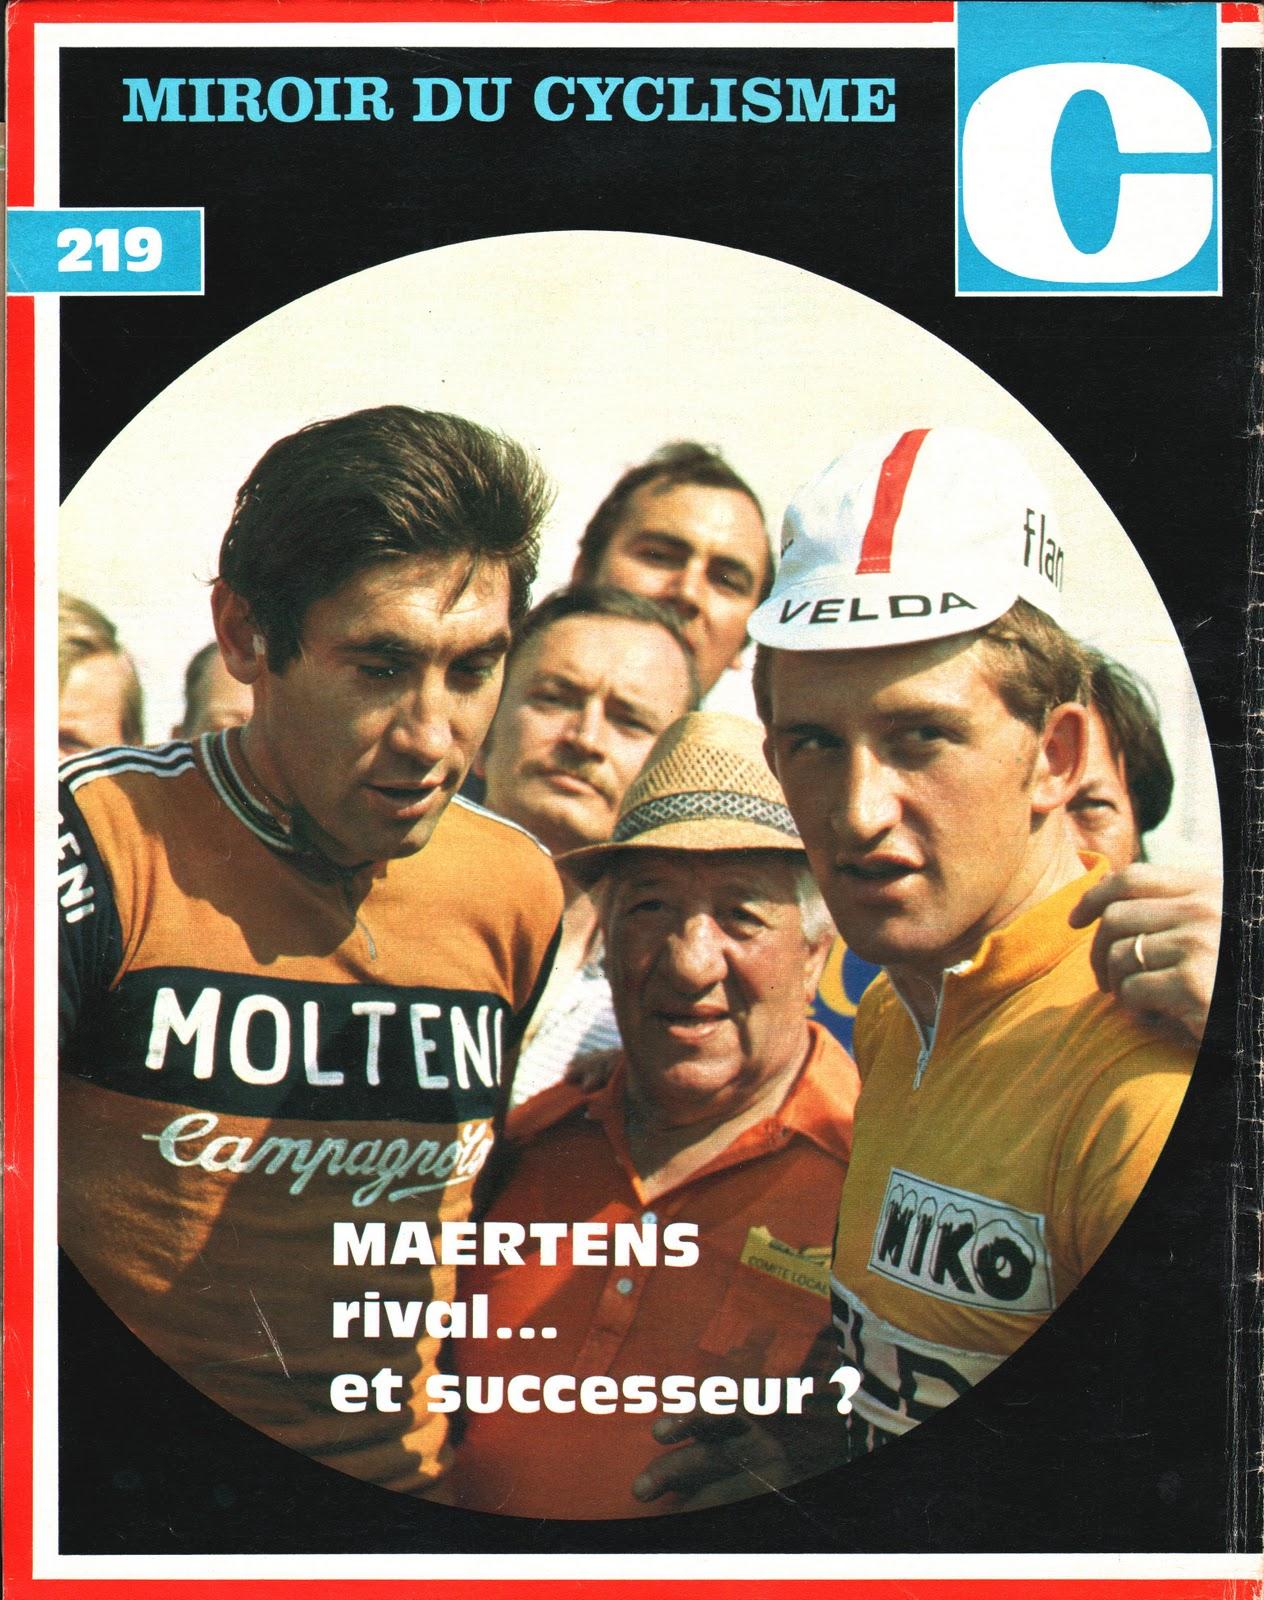 Mon tour de france 1959 la suite dans la roue de freddy for Miroir du cyclisme